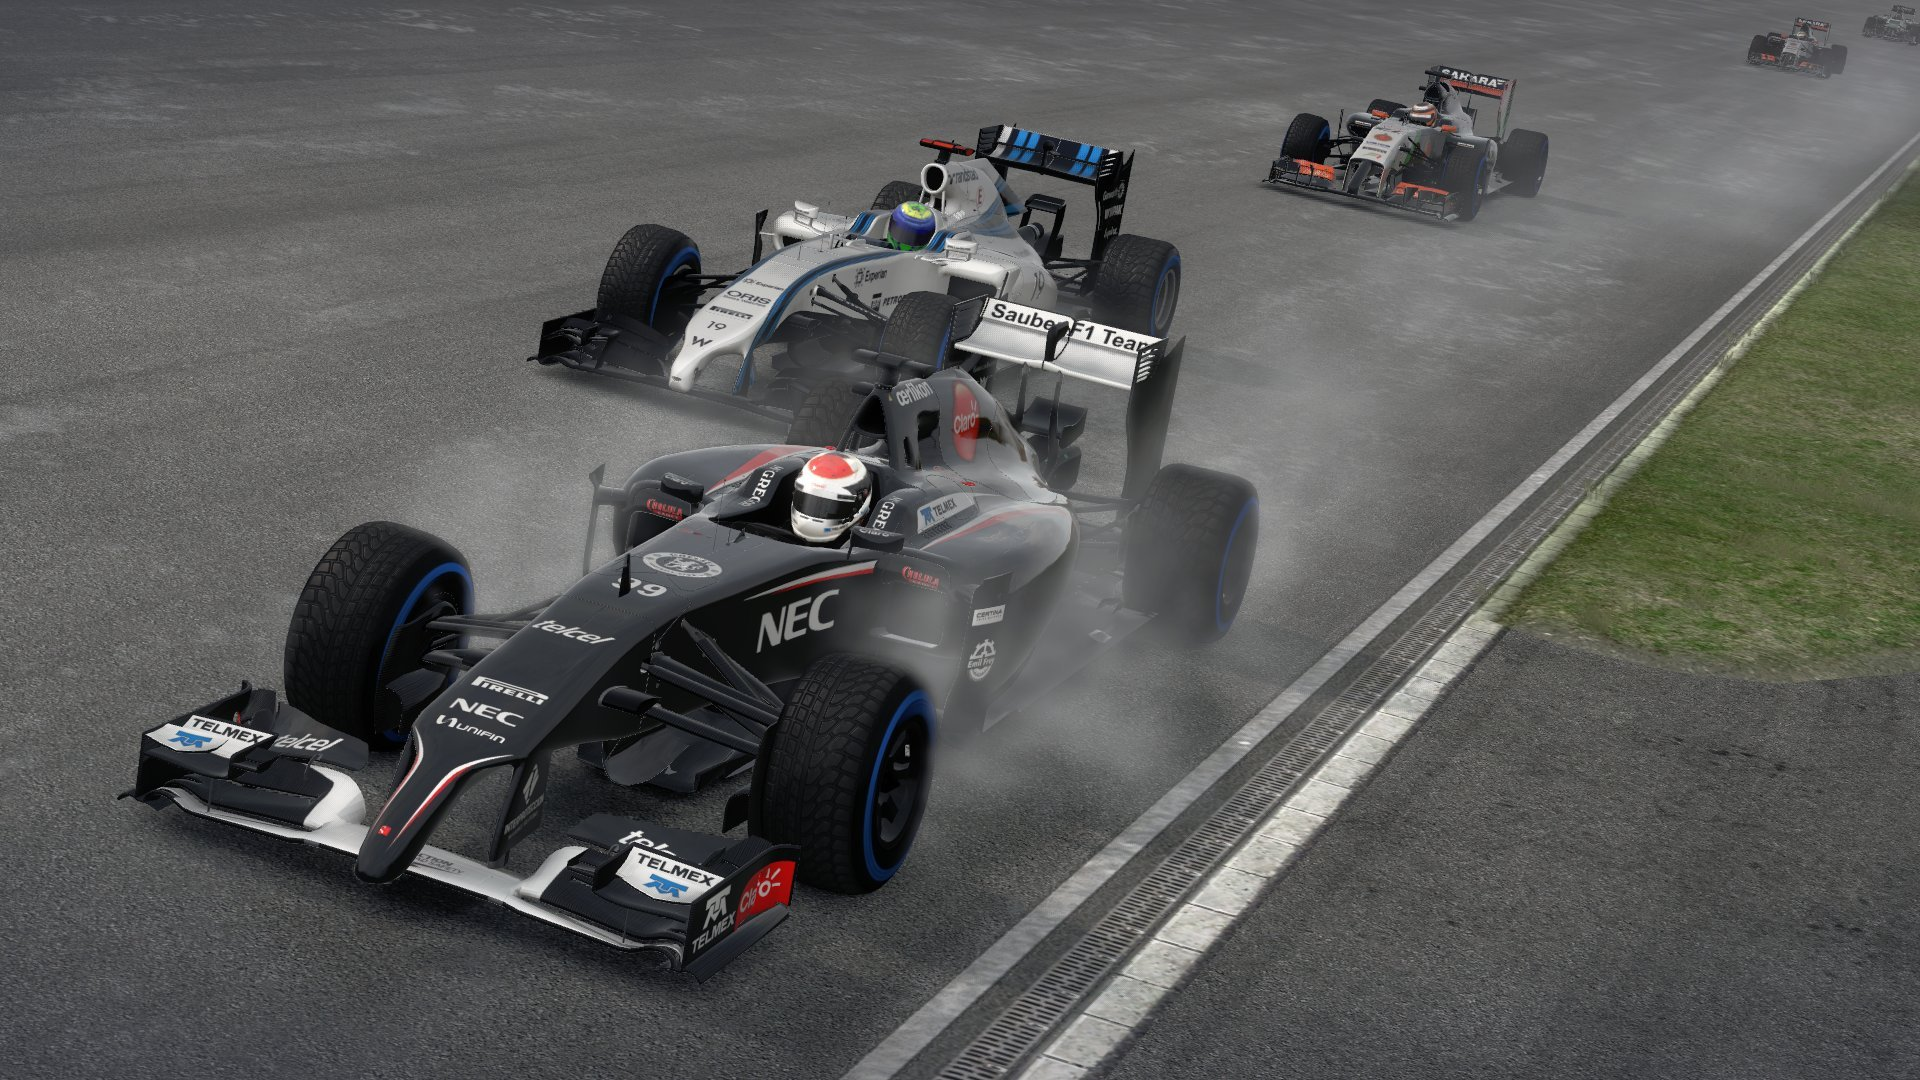 F1 2014 (Formula 1) - PlayStation 3 by Bandai (Image #17)